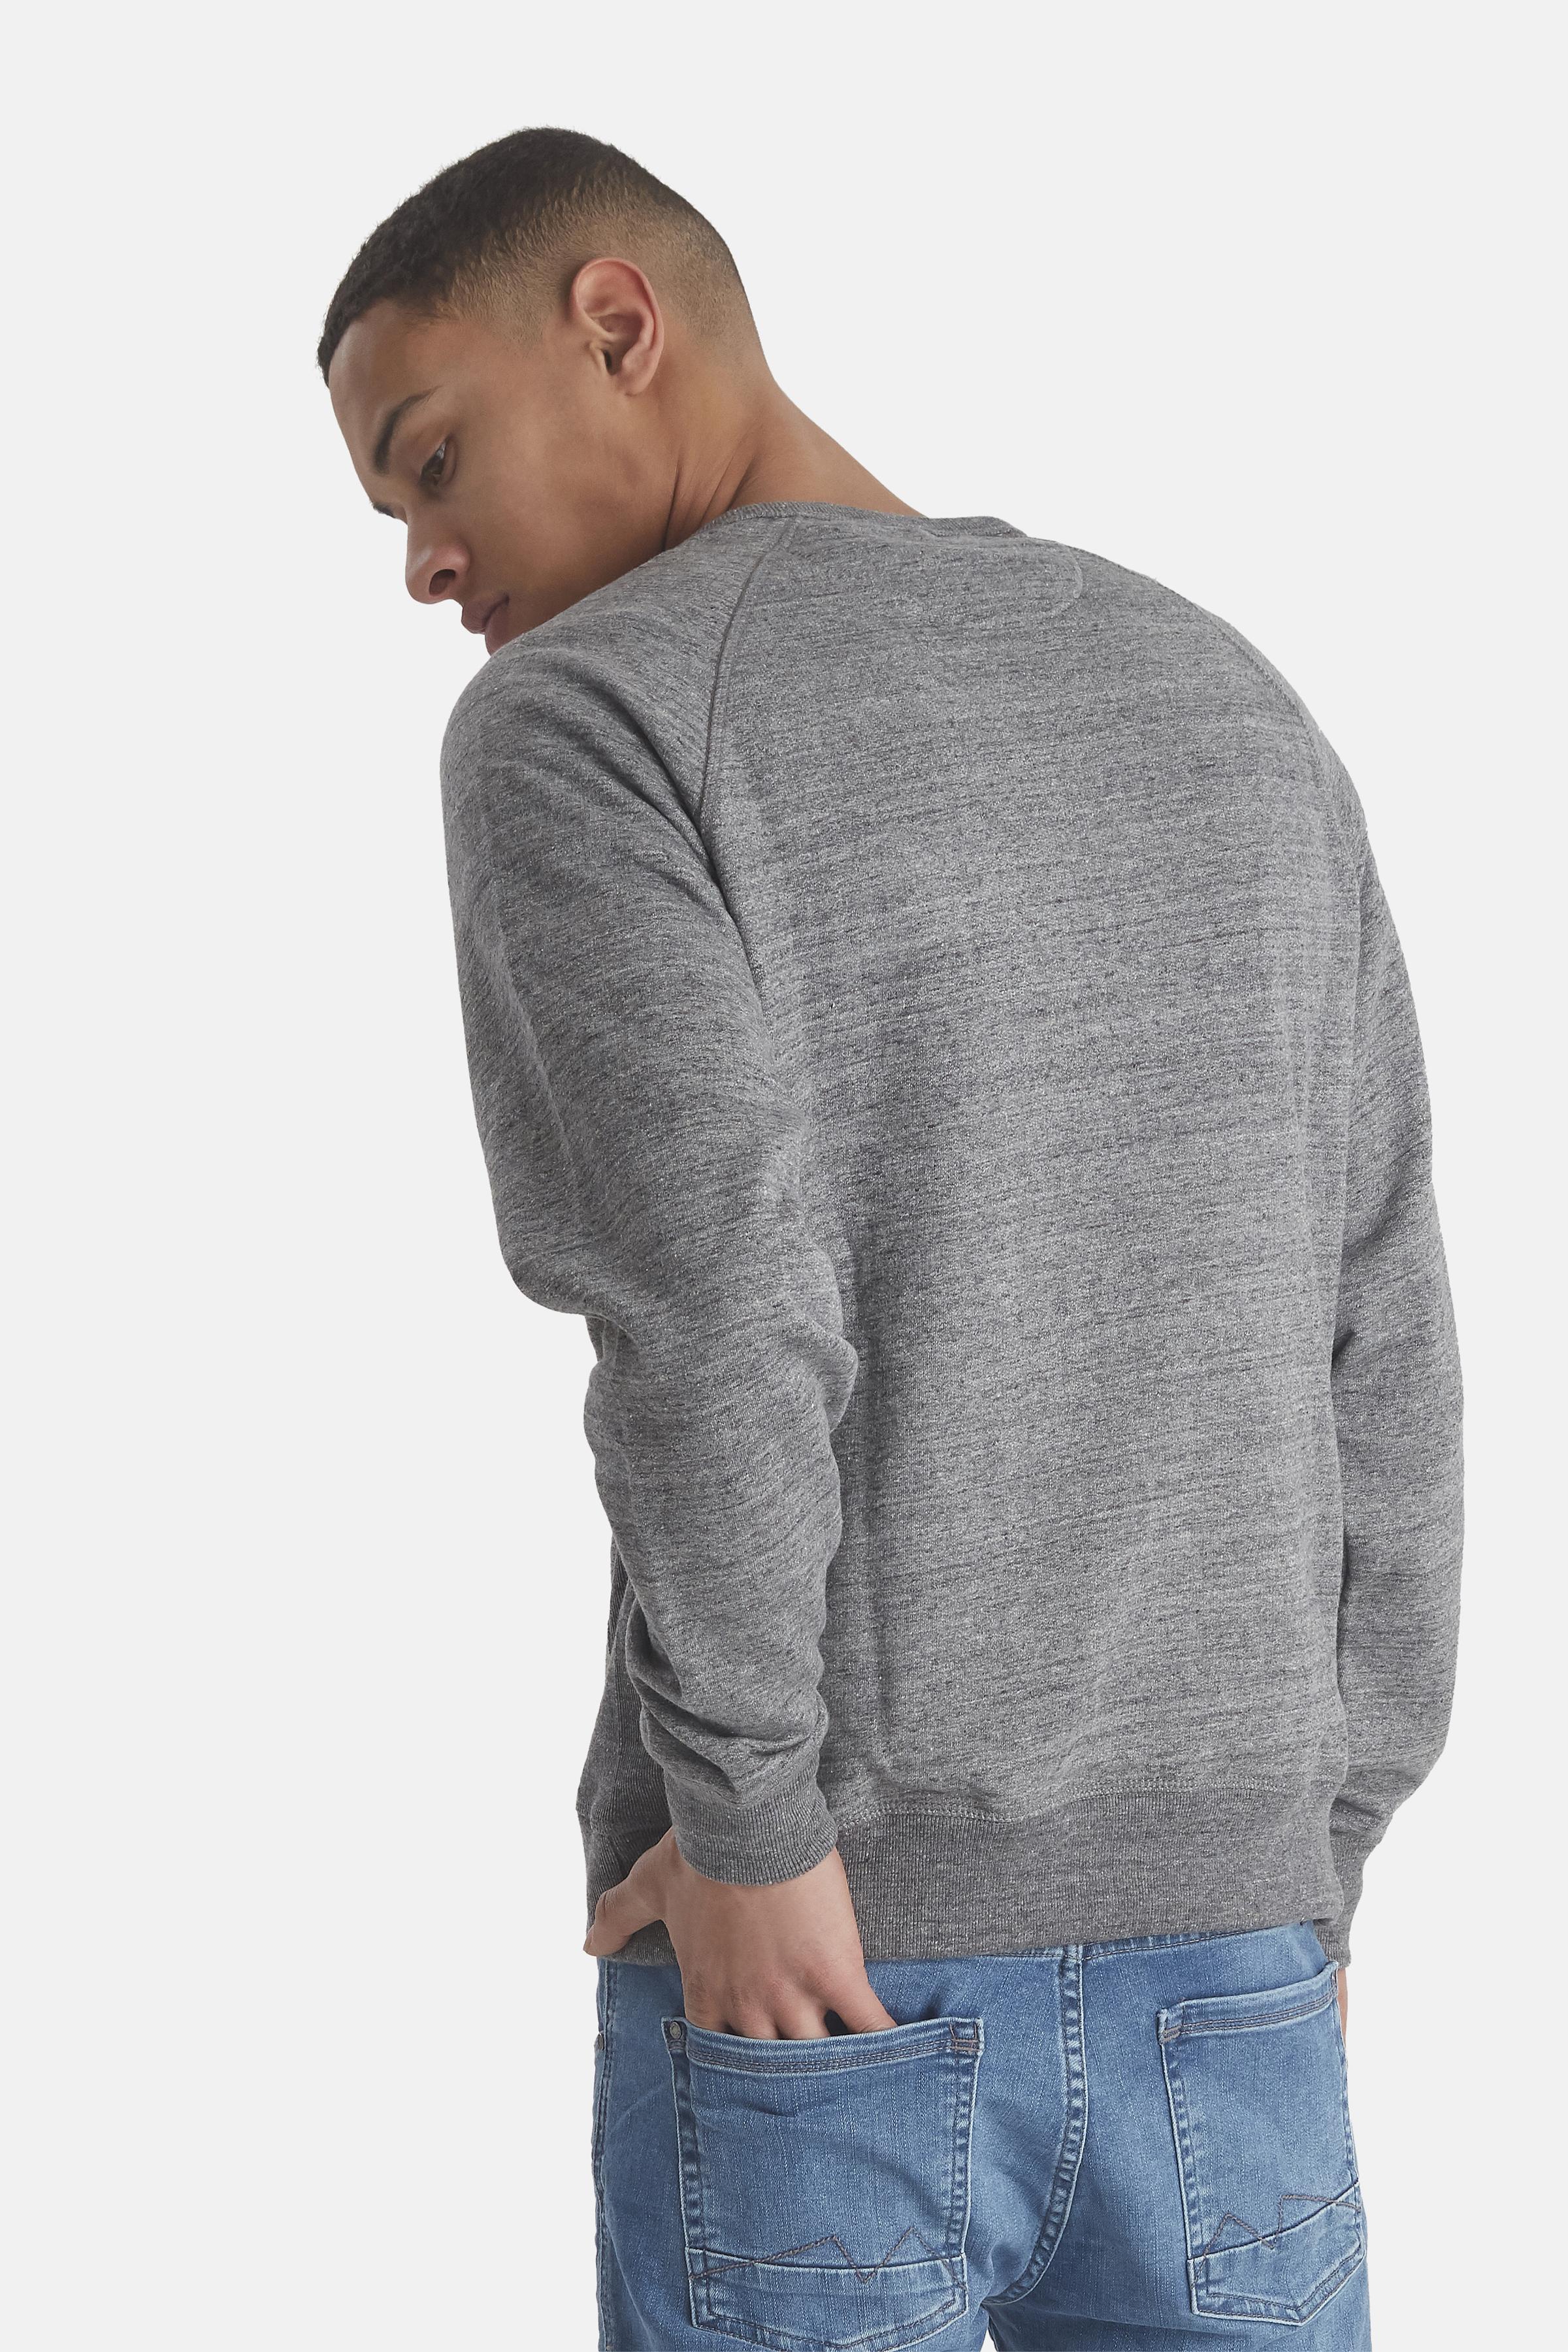 Pewter mix Sweatshirt fra Blend He – Køb Pewter mix Sweatshirt fra str. S-3XL her